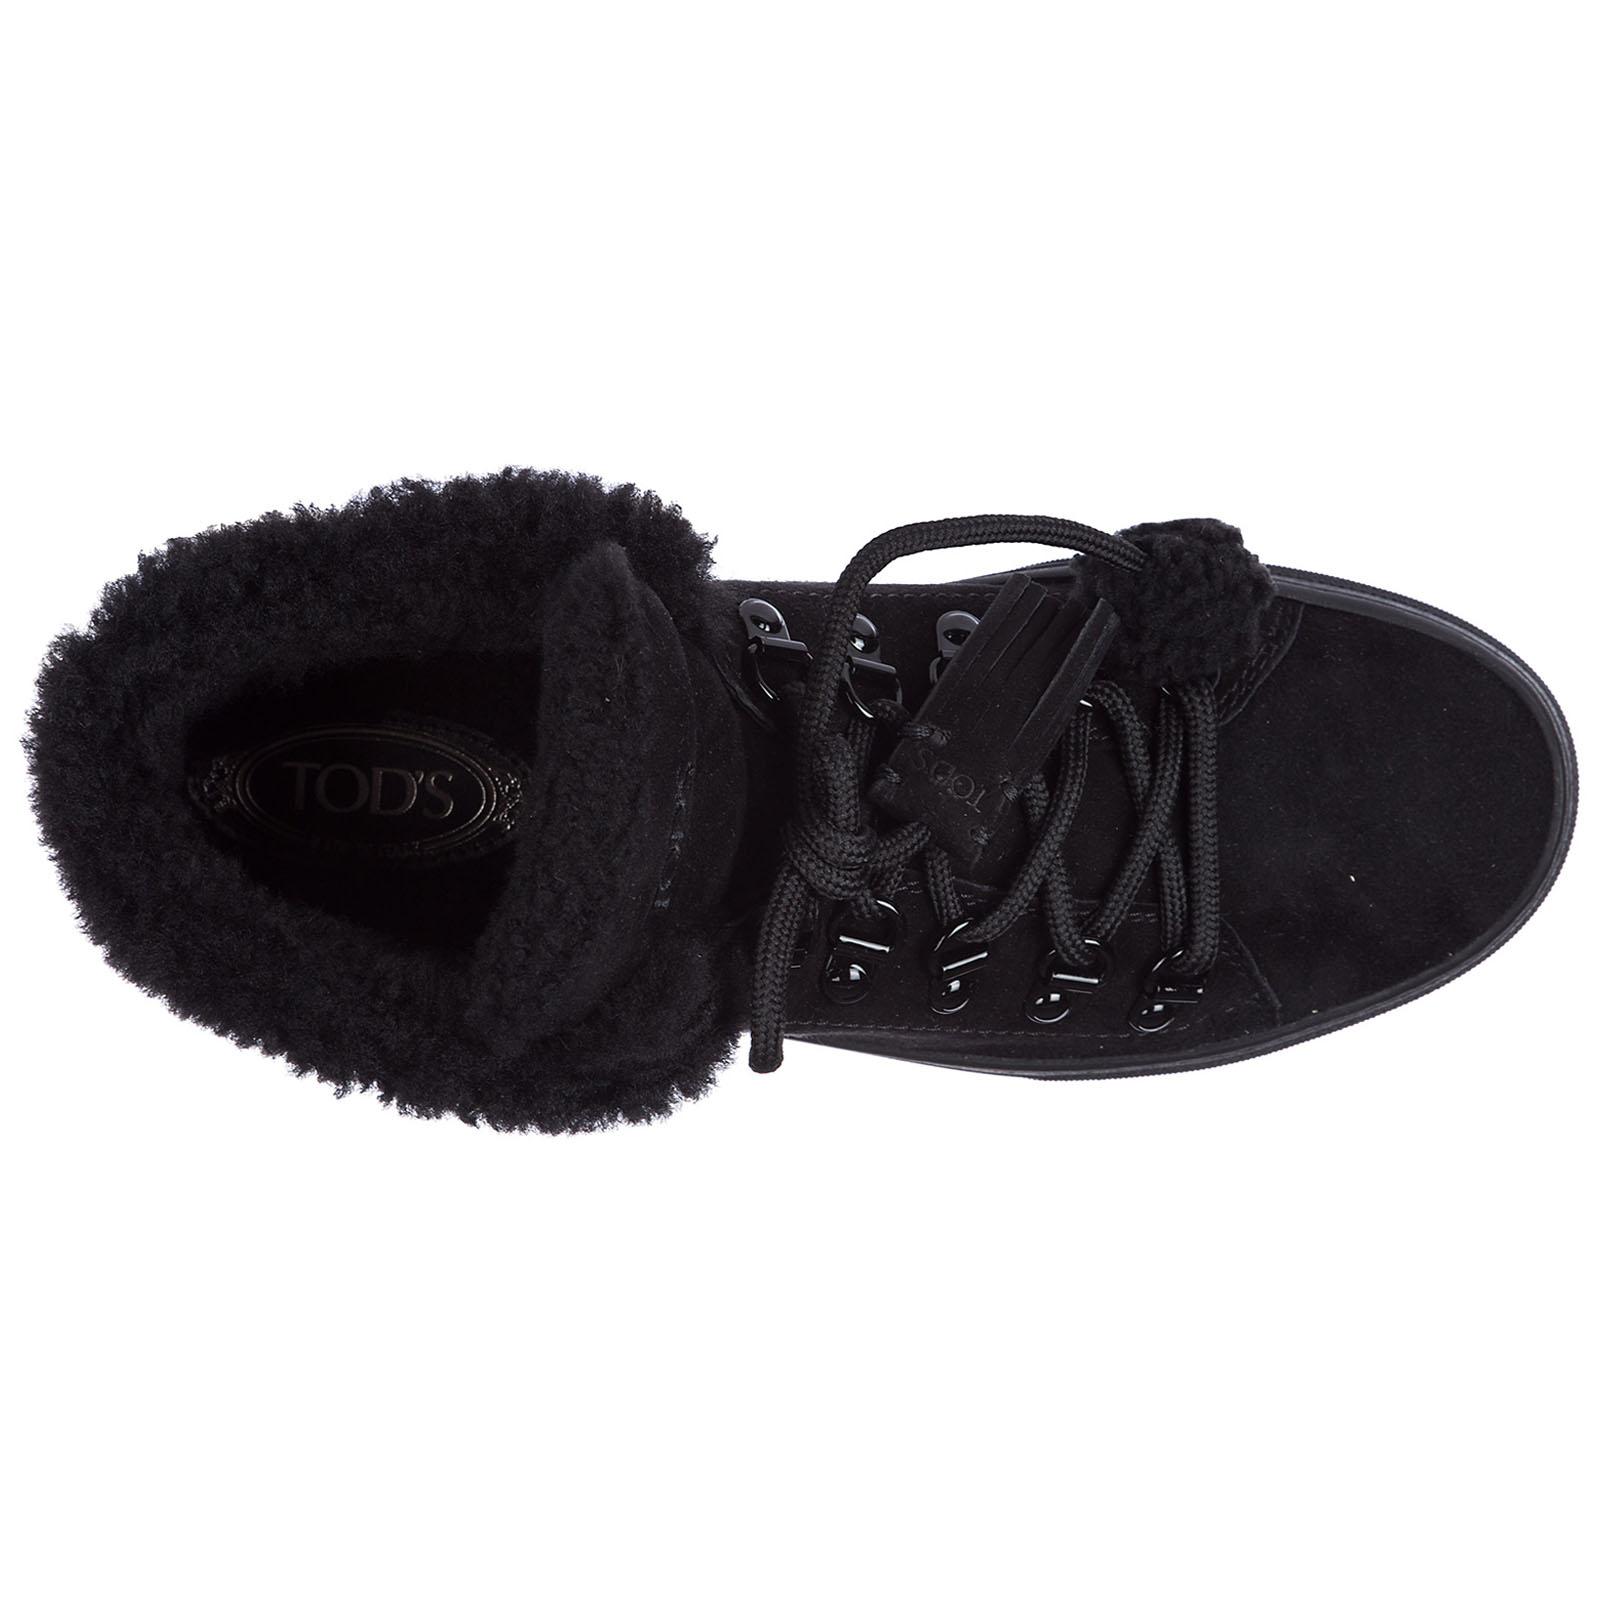 Zapatos zapatillas de deporte largas mujer en ante